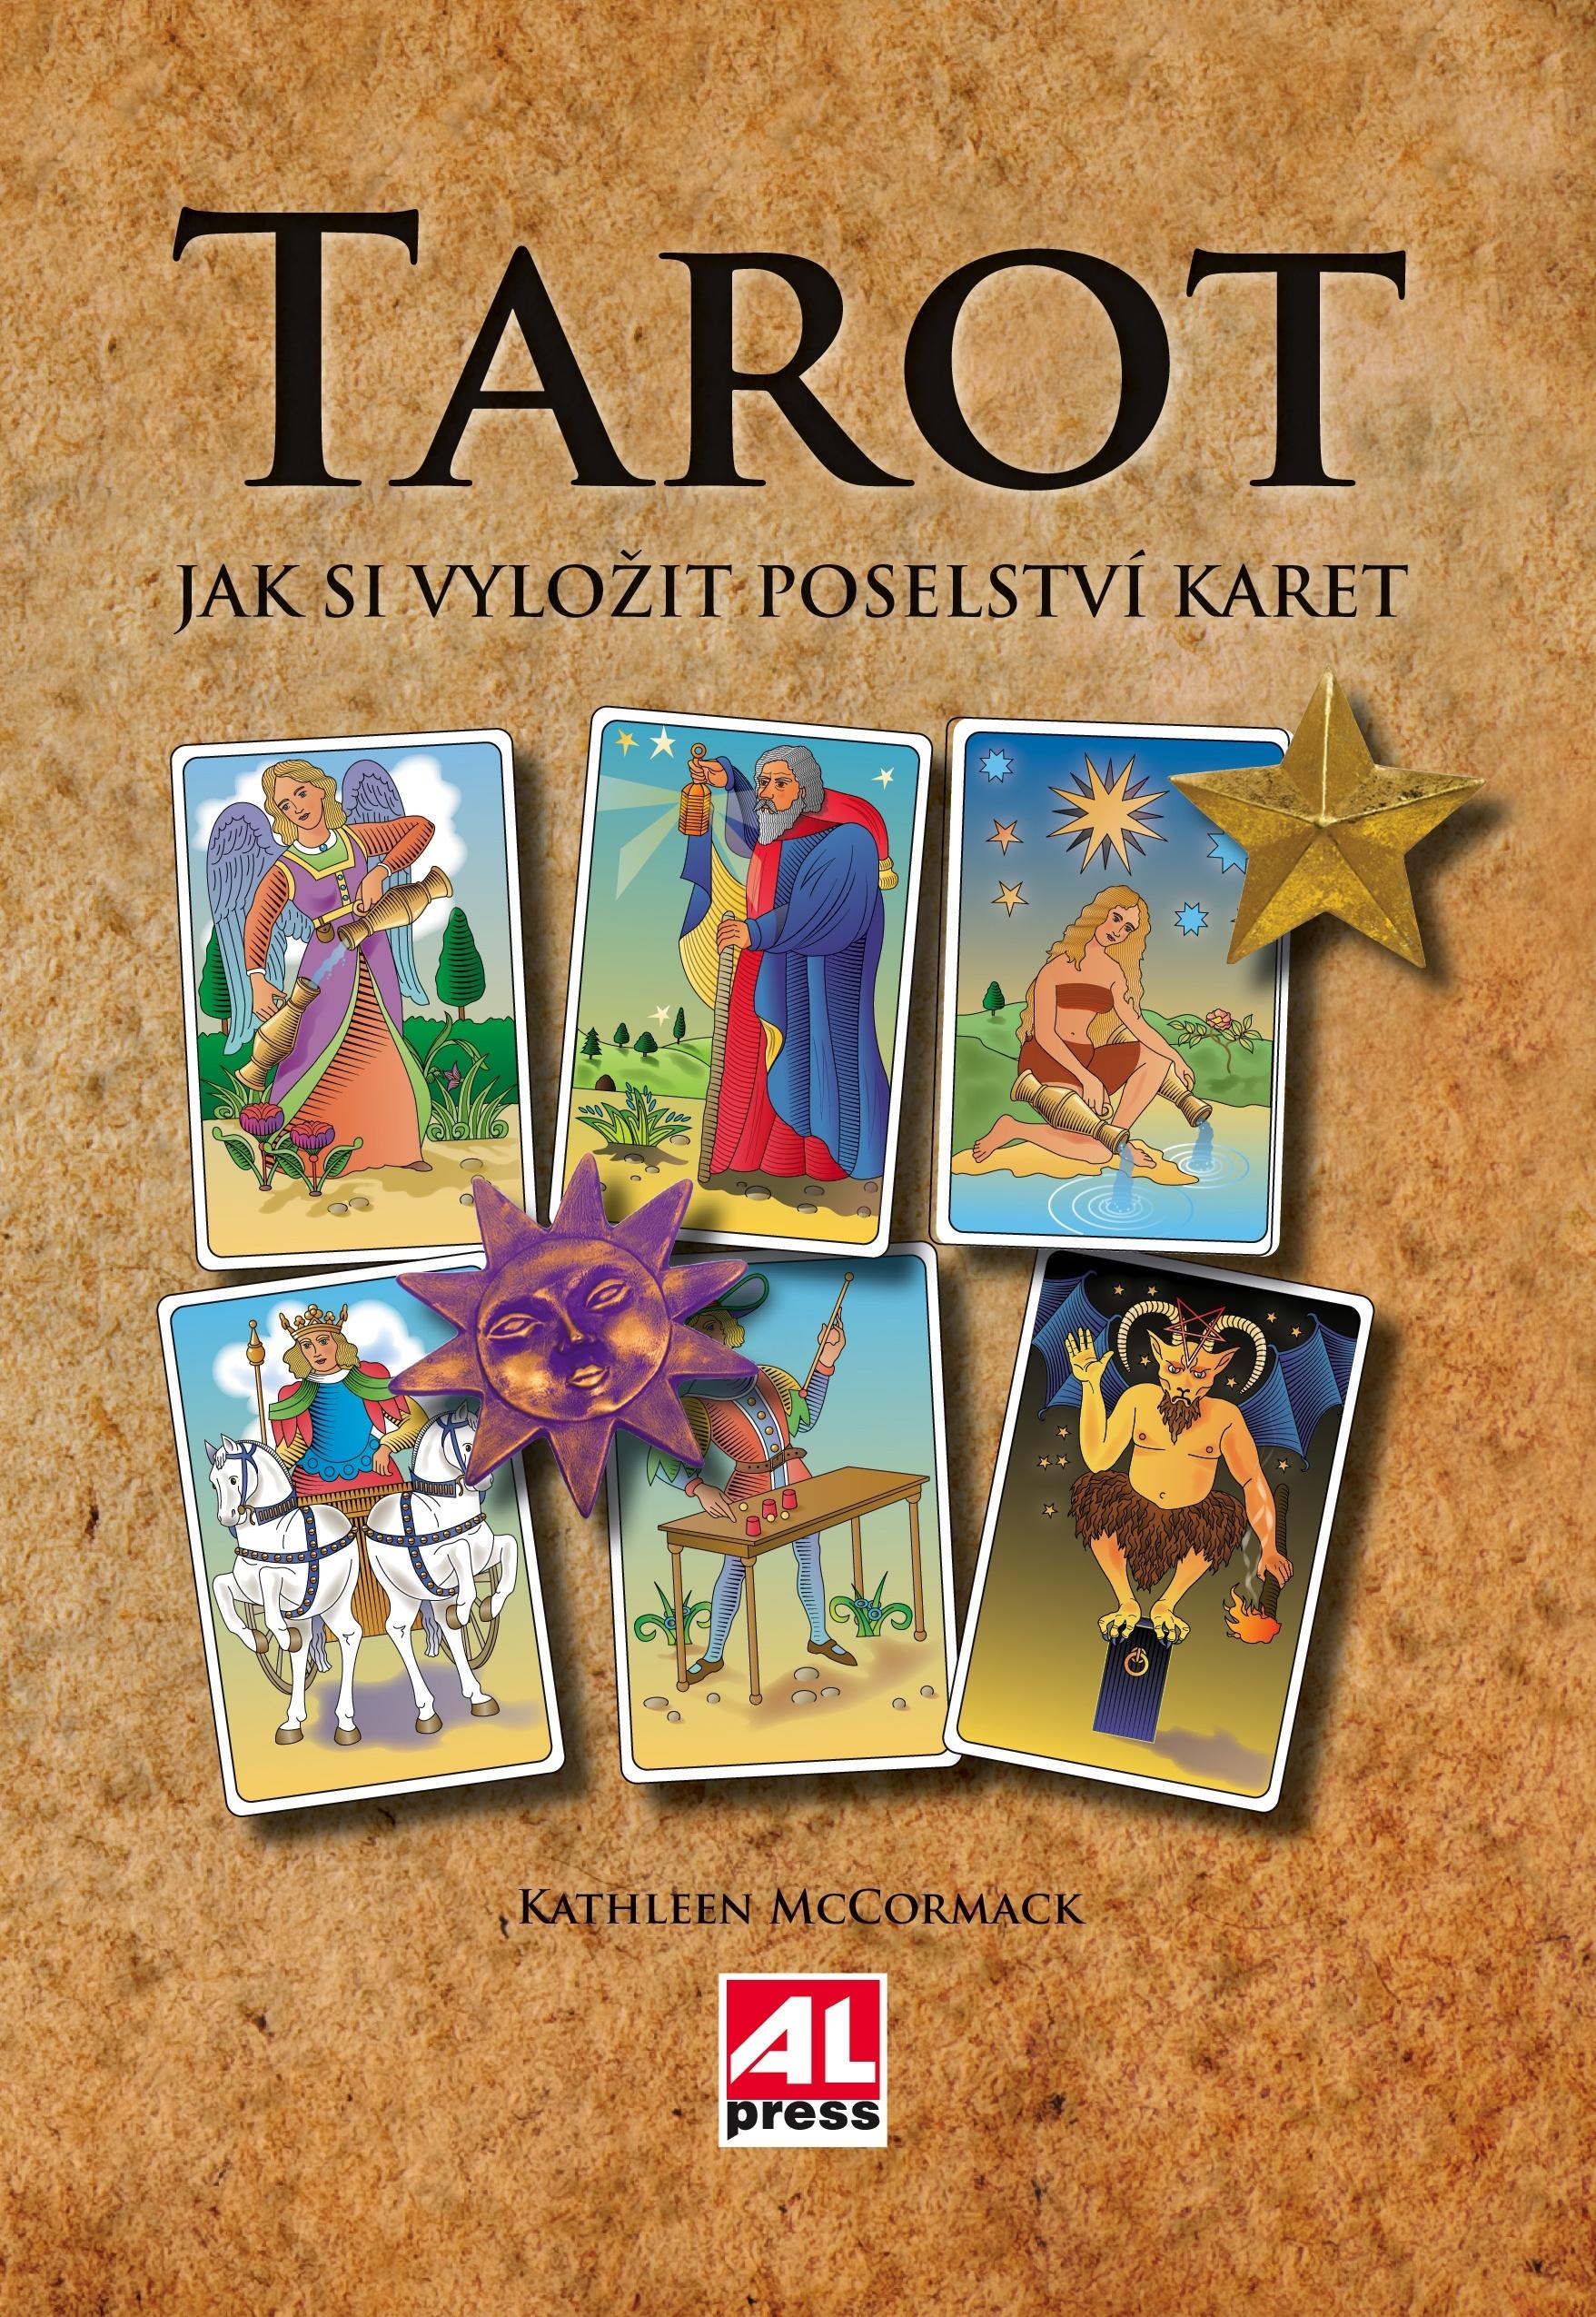 Tarot - jak si vyložit poselství karet